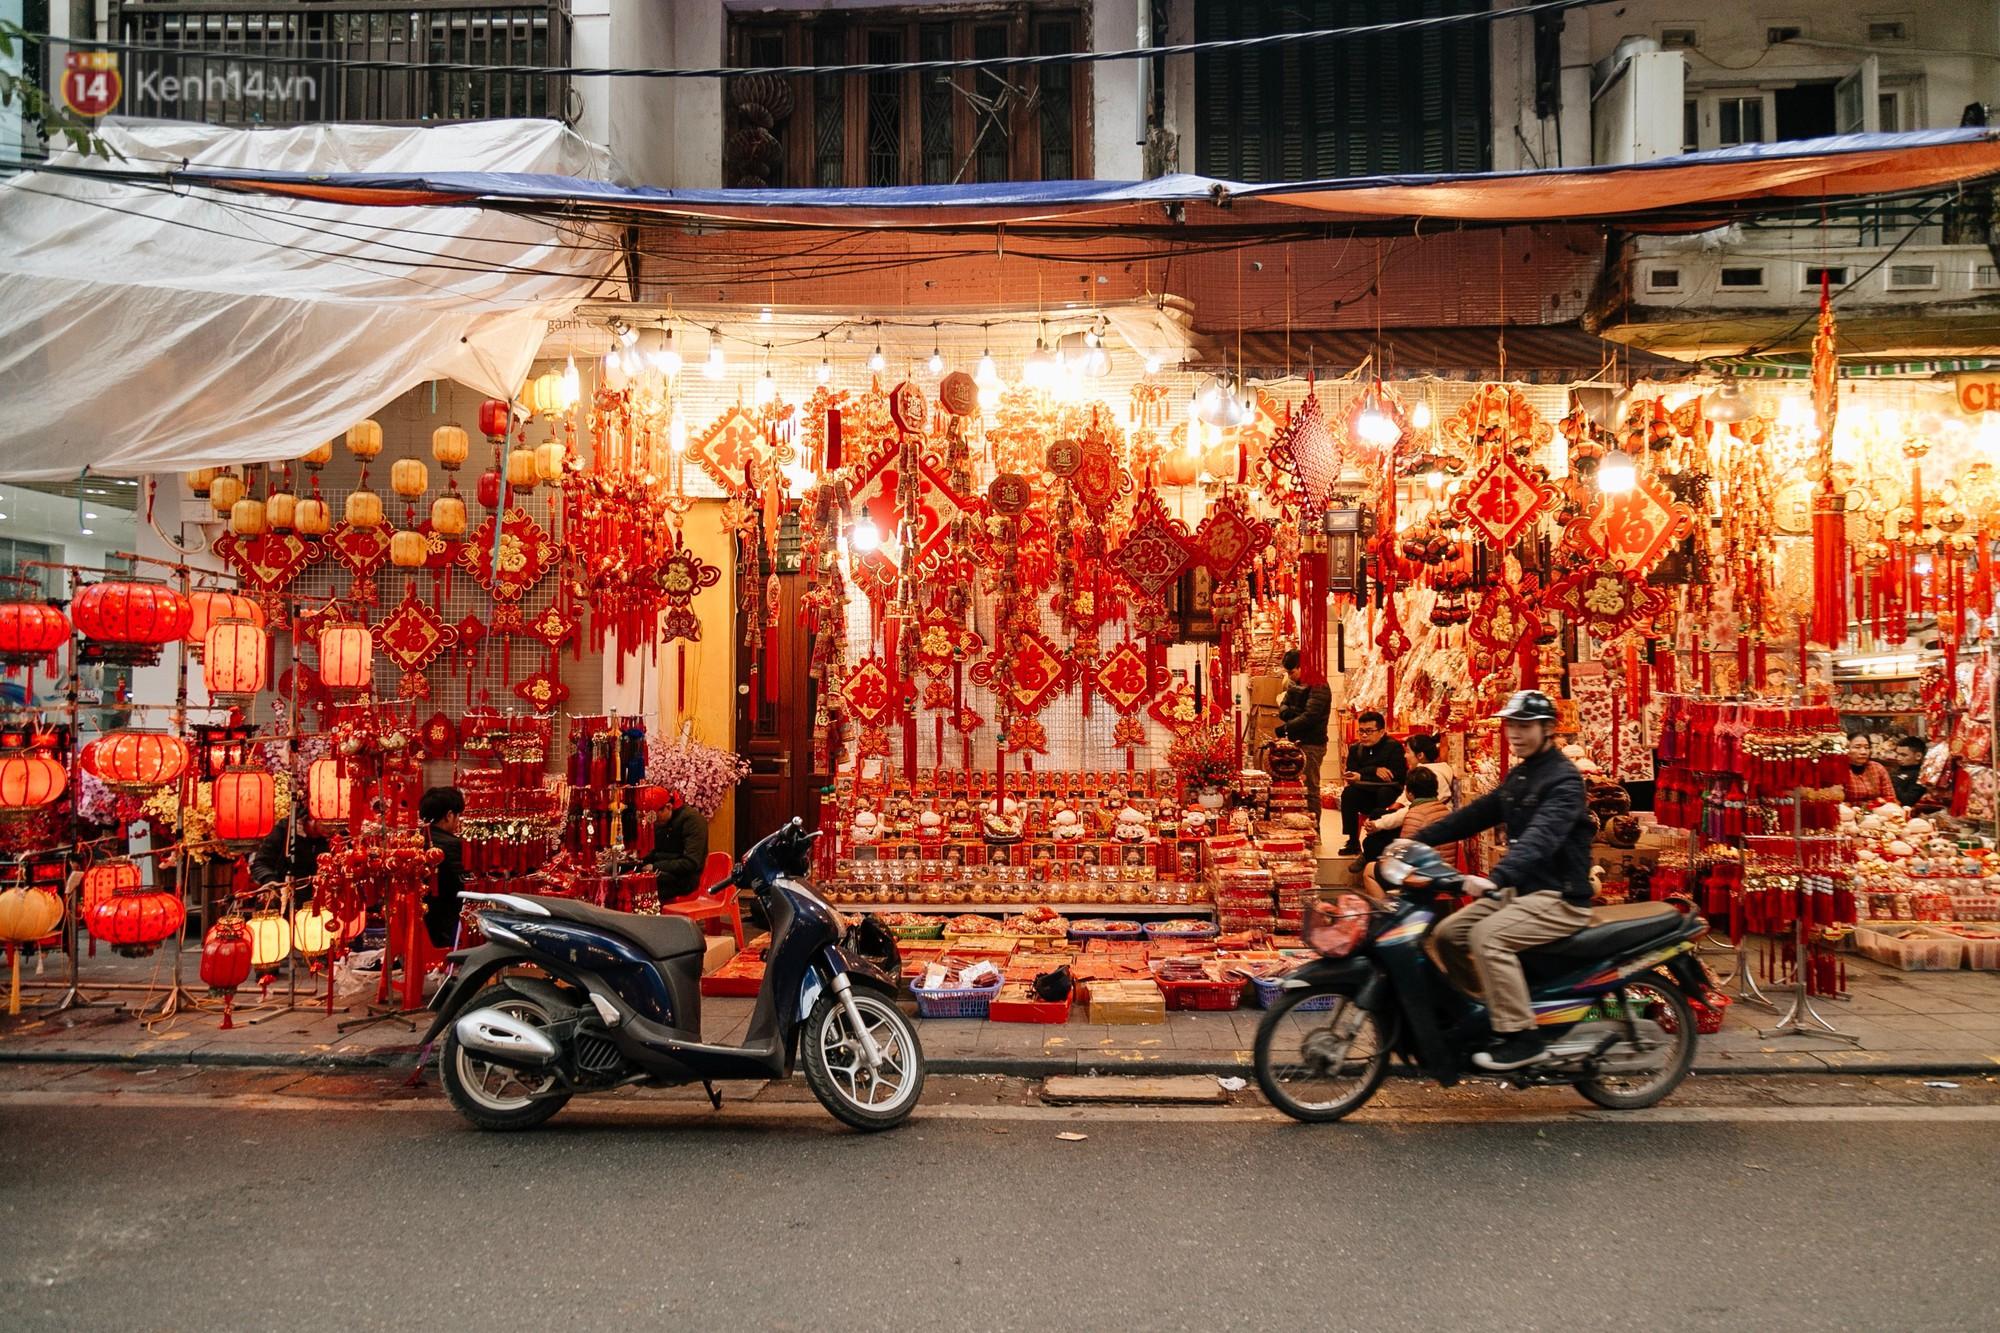 Dịp Tết cũng là lúc phố Hàng Mã khoe sắc đỏ rực màu lễ hội đặc trưng.